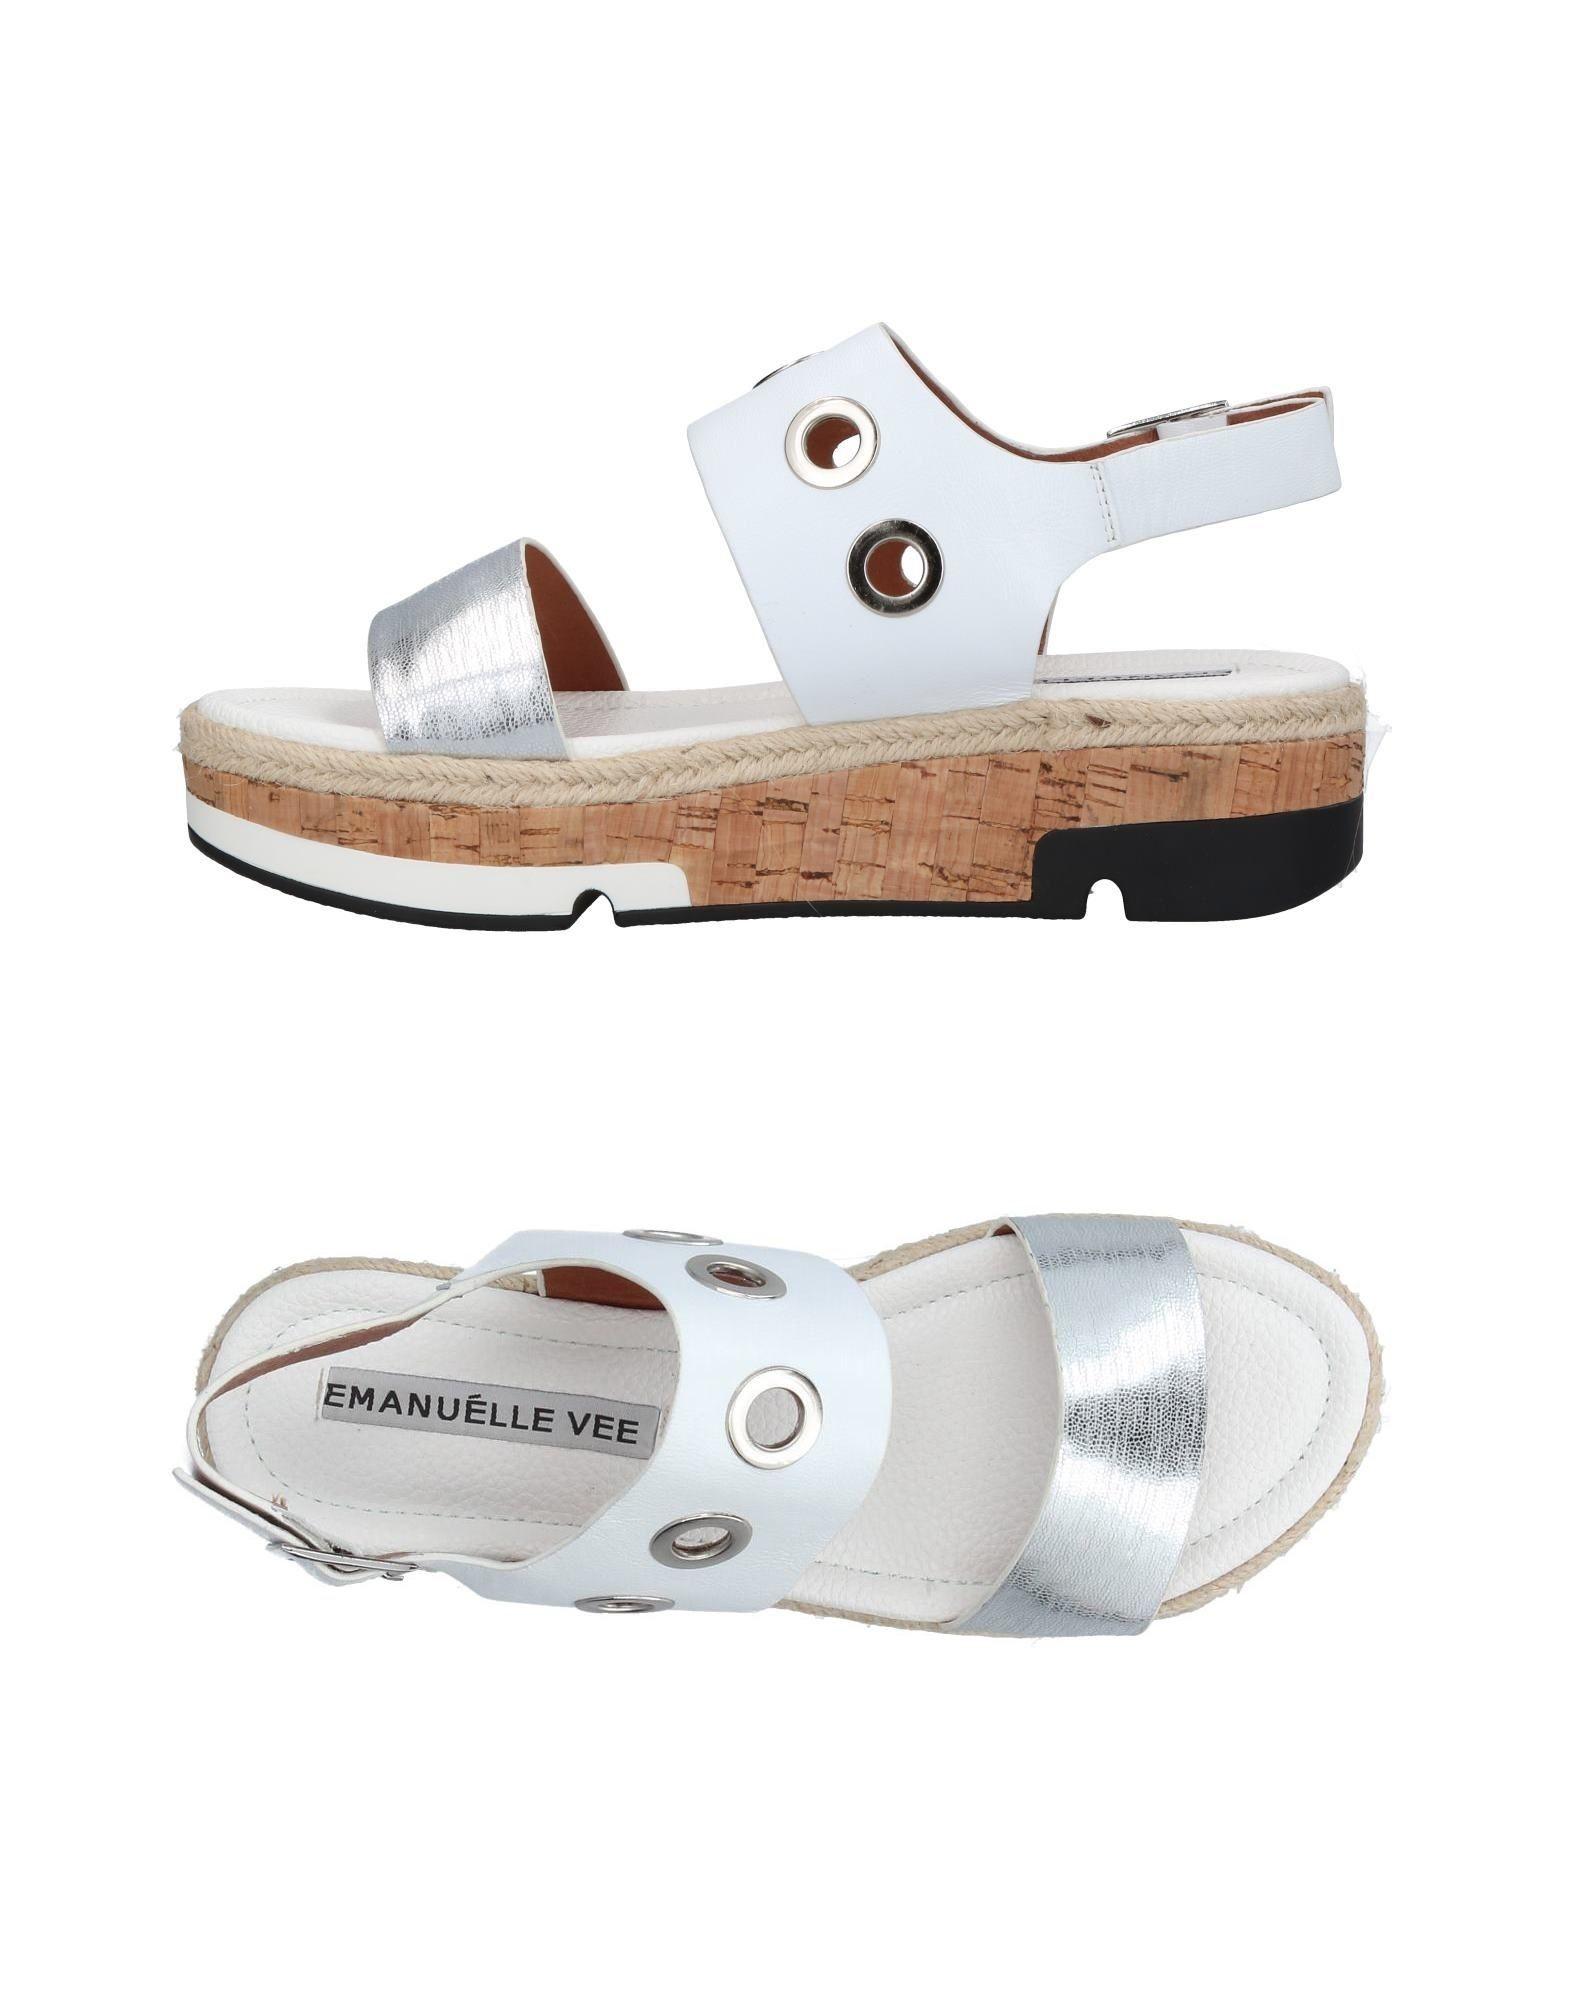 Sandales Emanuélle Vee Femme - Sandales Emanuélle Vee sur